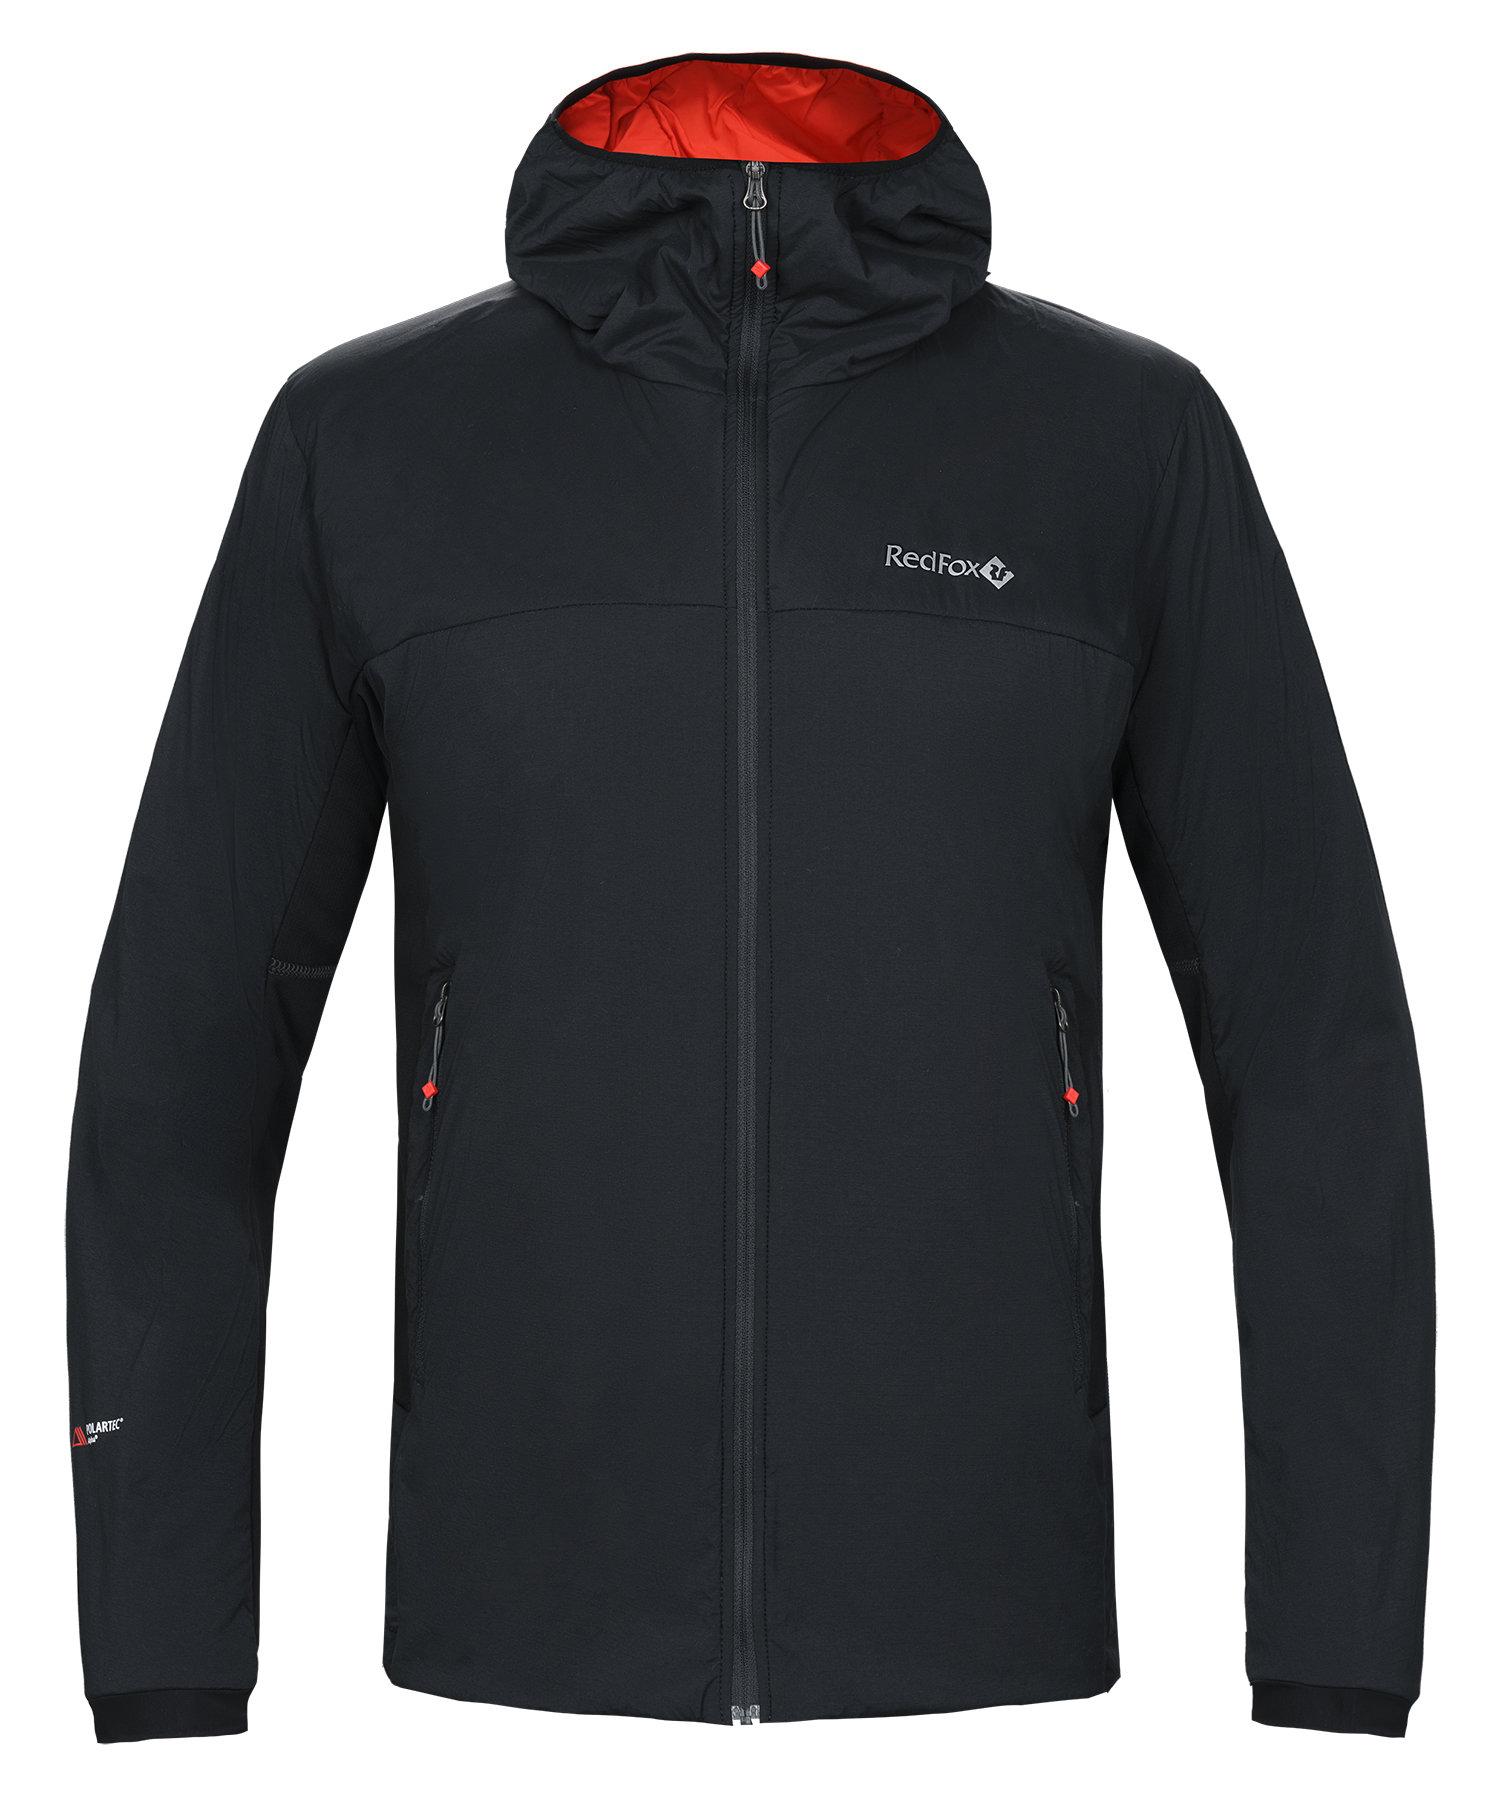 58d35c3b Теплые куртки в Санкт-Петербурге - 2504 товара: Выгодные цены.